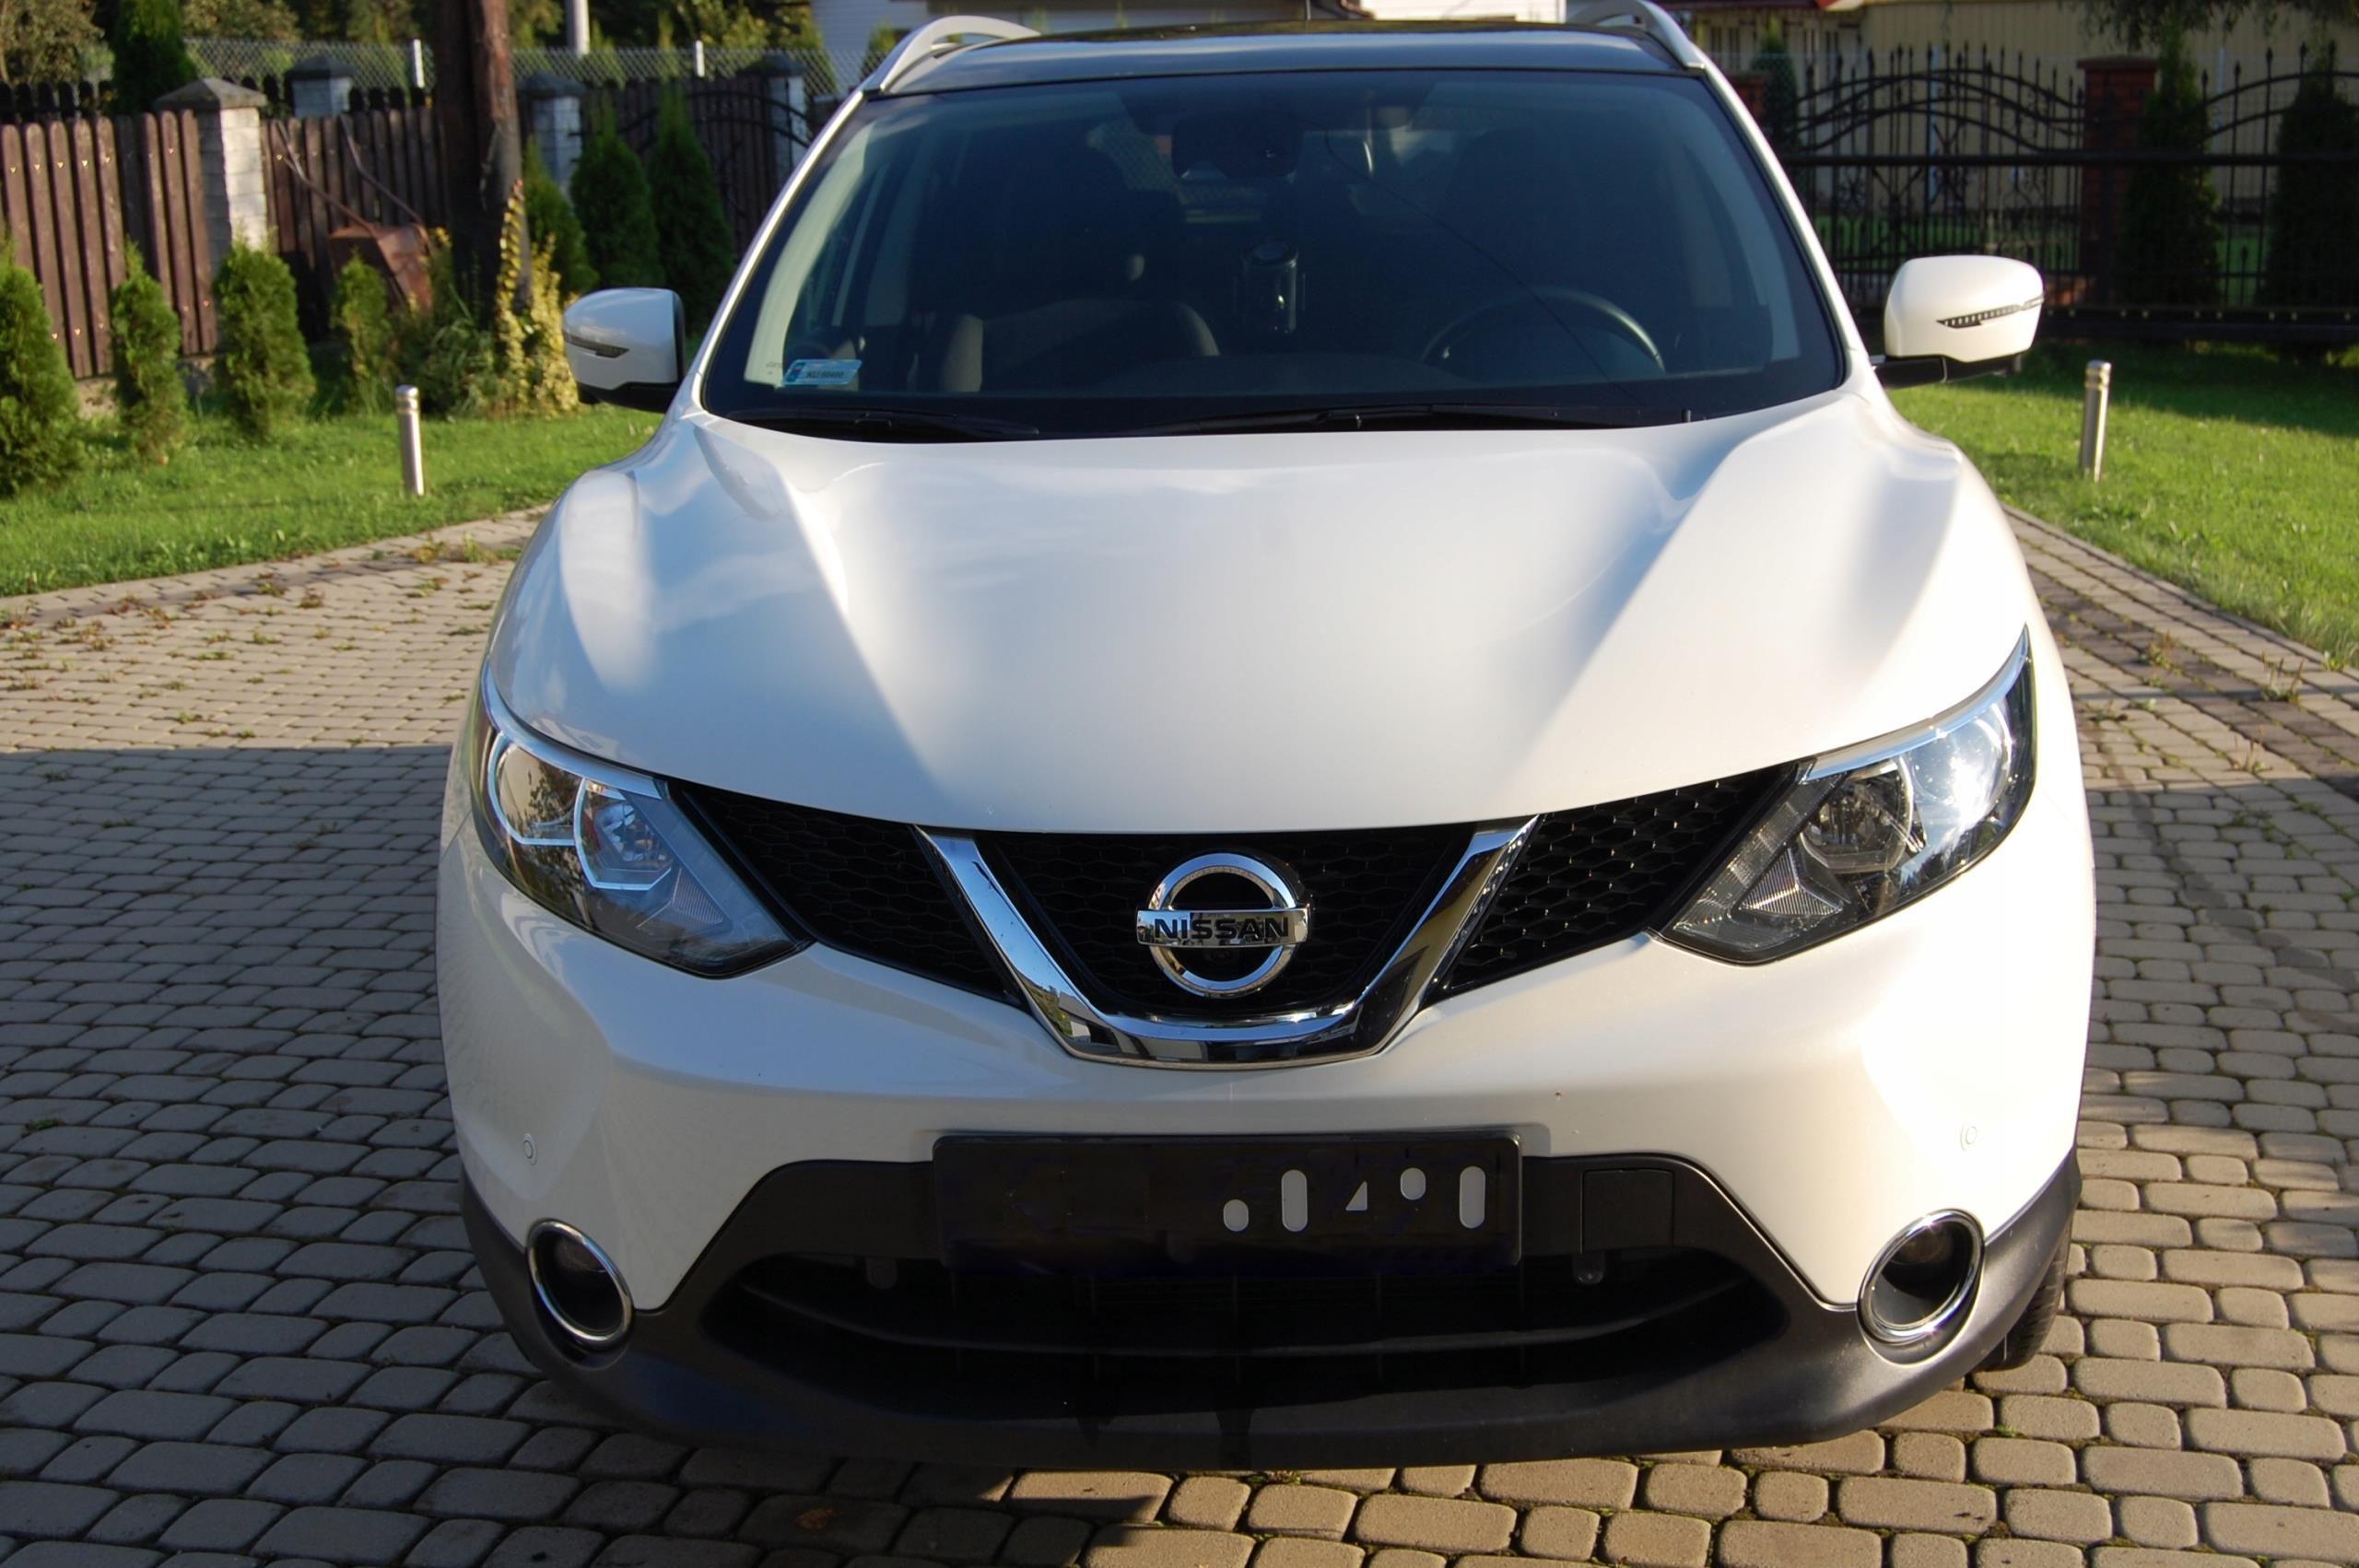 Motoryzacja Samochody Osobowe Nissan Qashqai Iii Opinie I Ceny Na Ceneo Pl